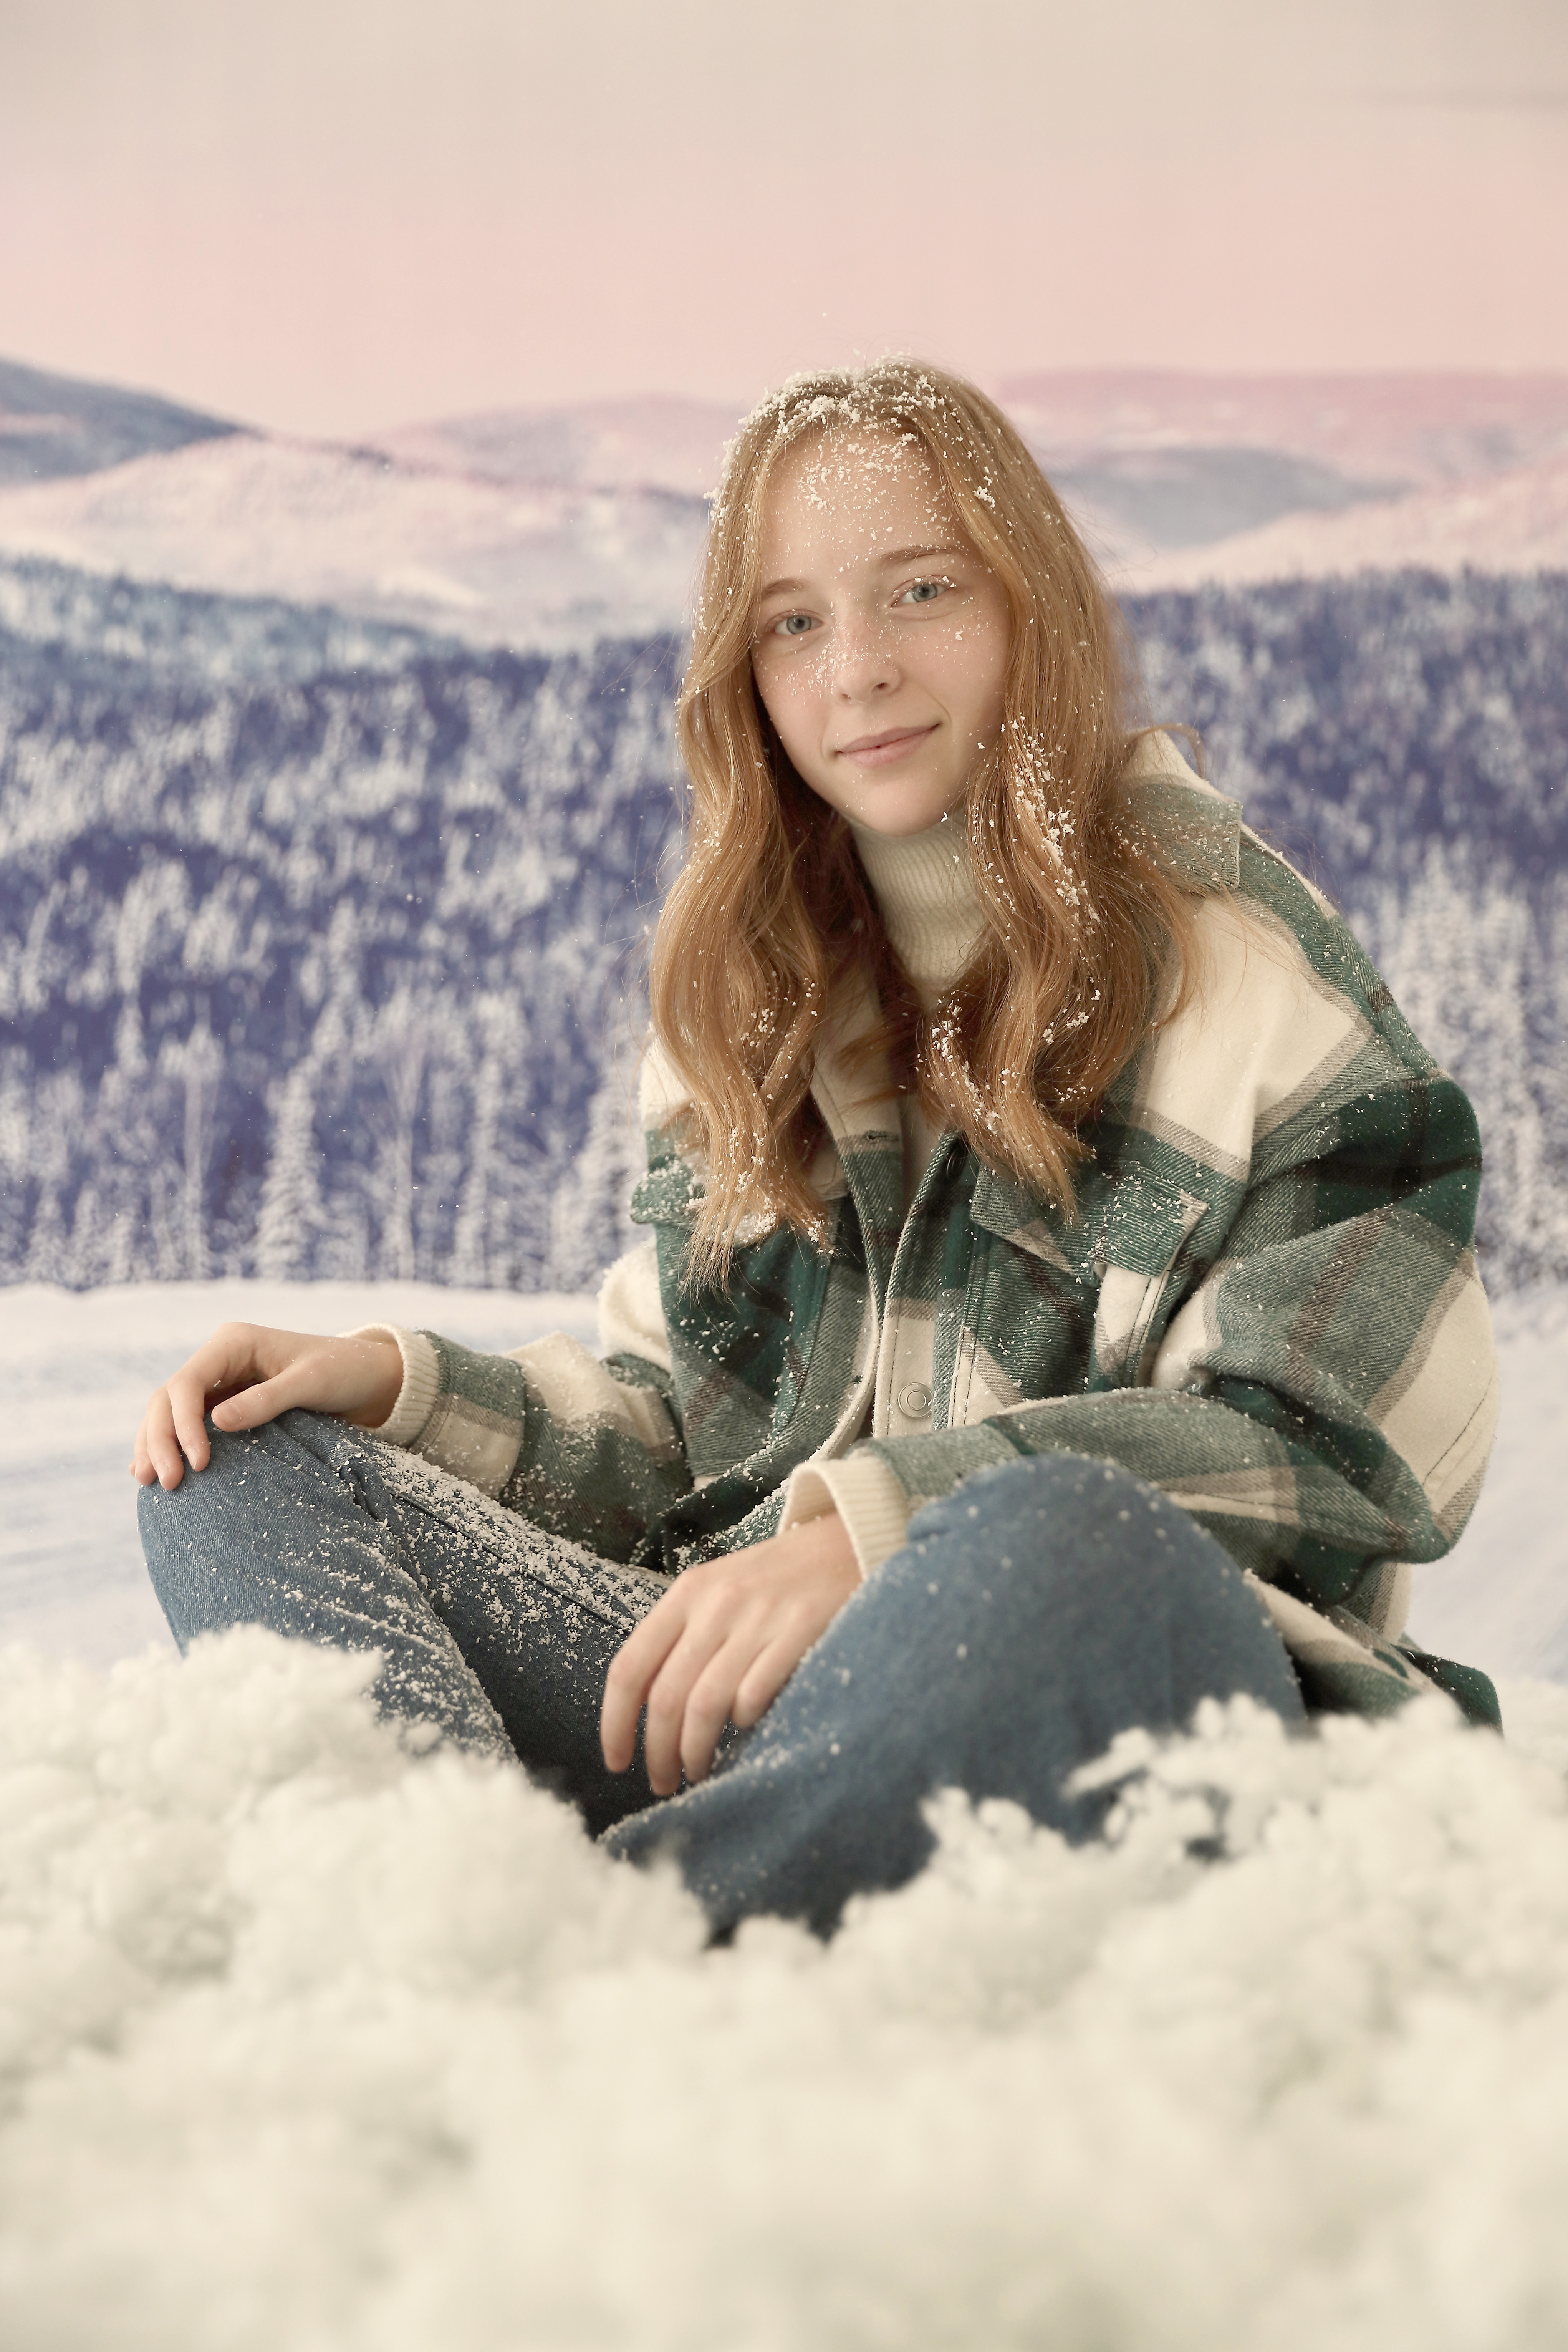 Schneehasenshooting